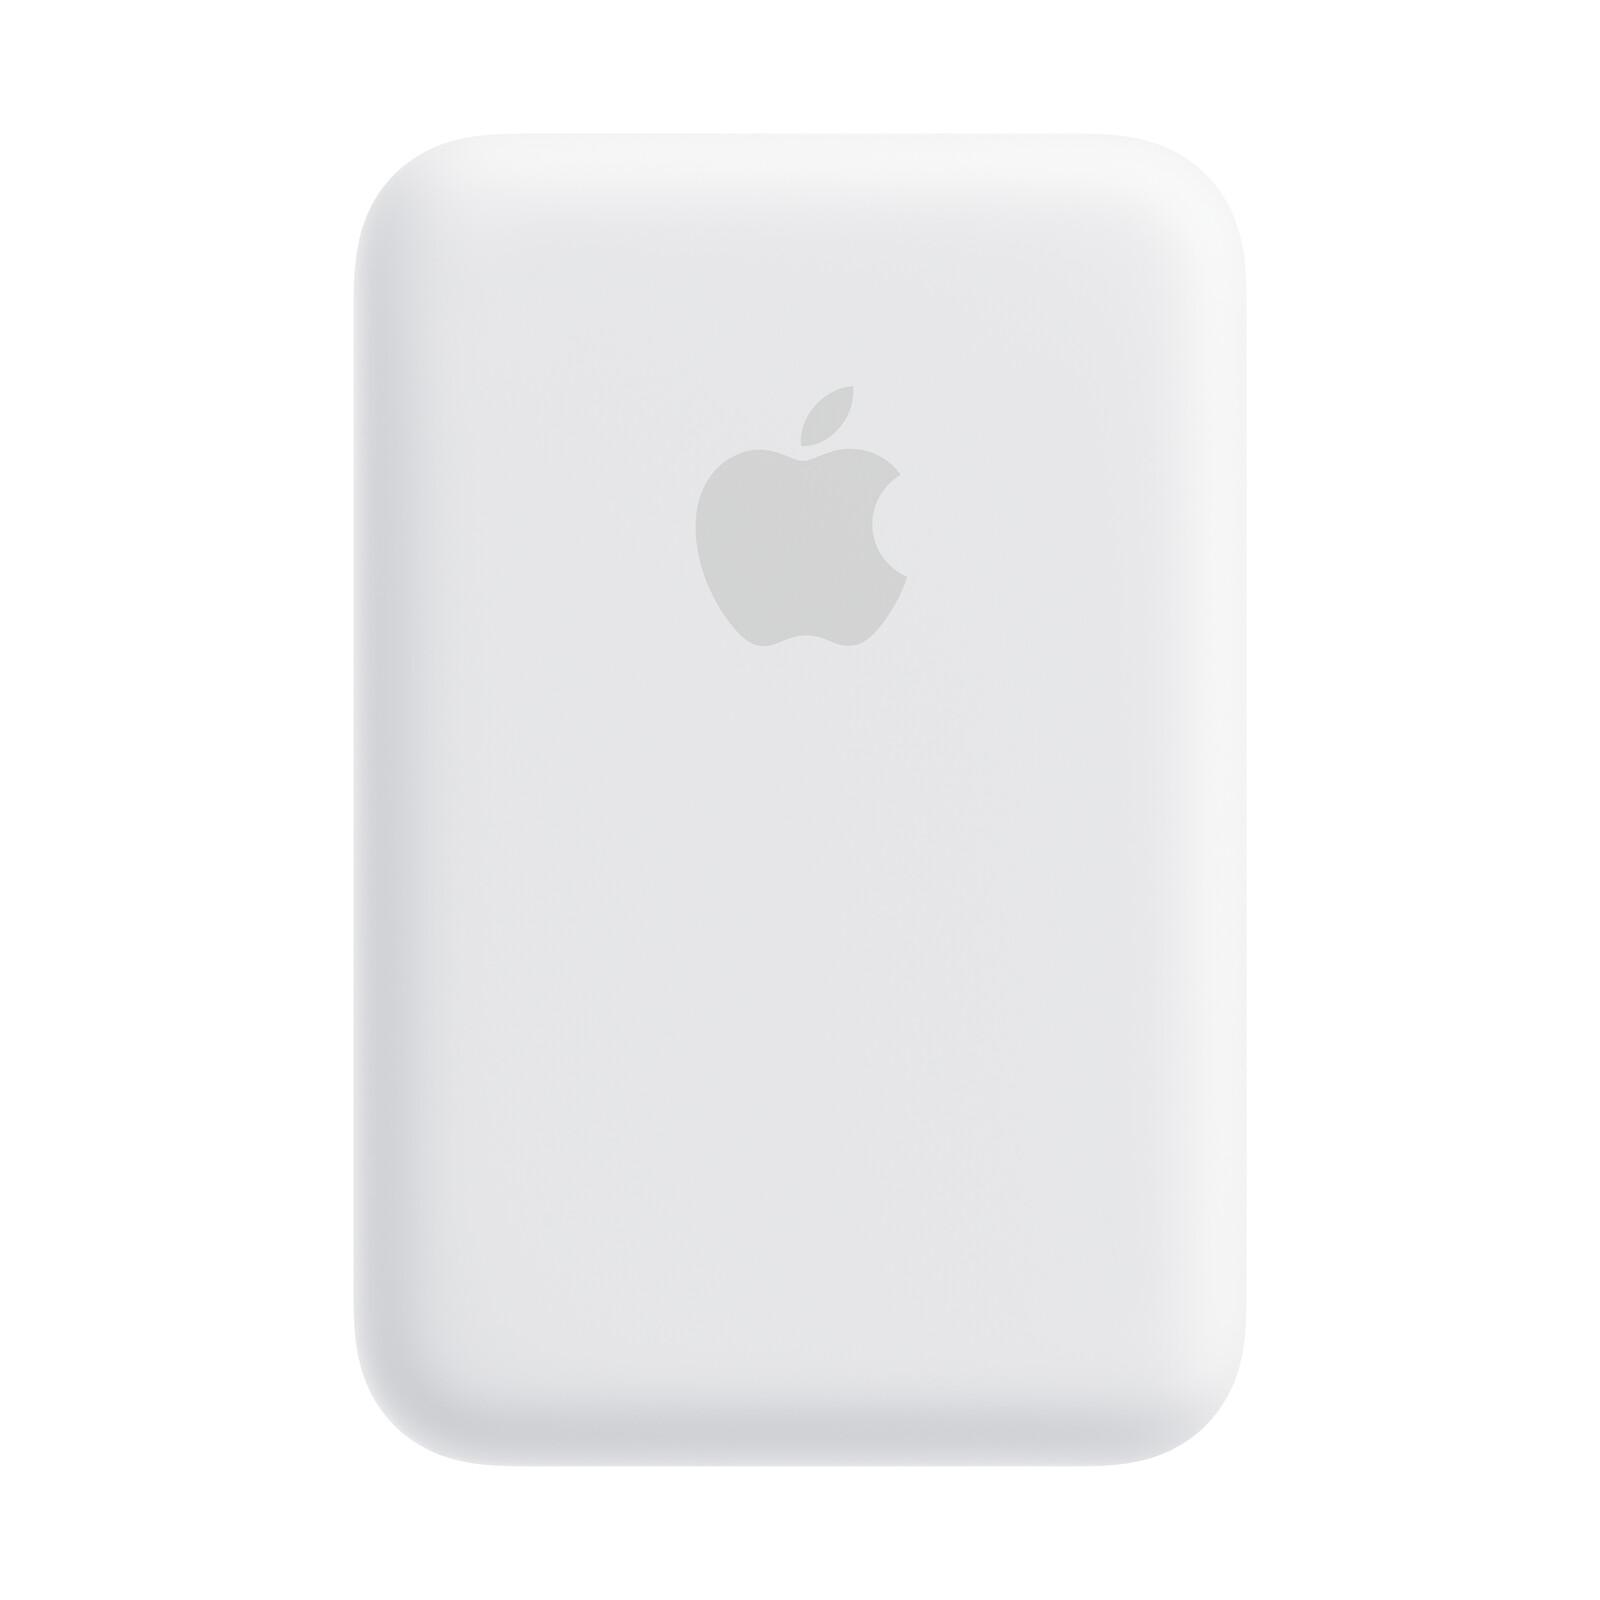 Apple externe MagSafe Batterie